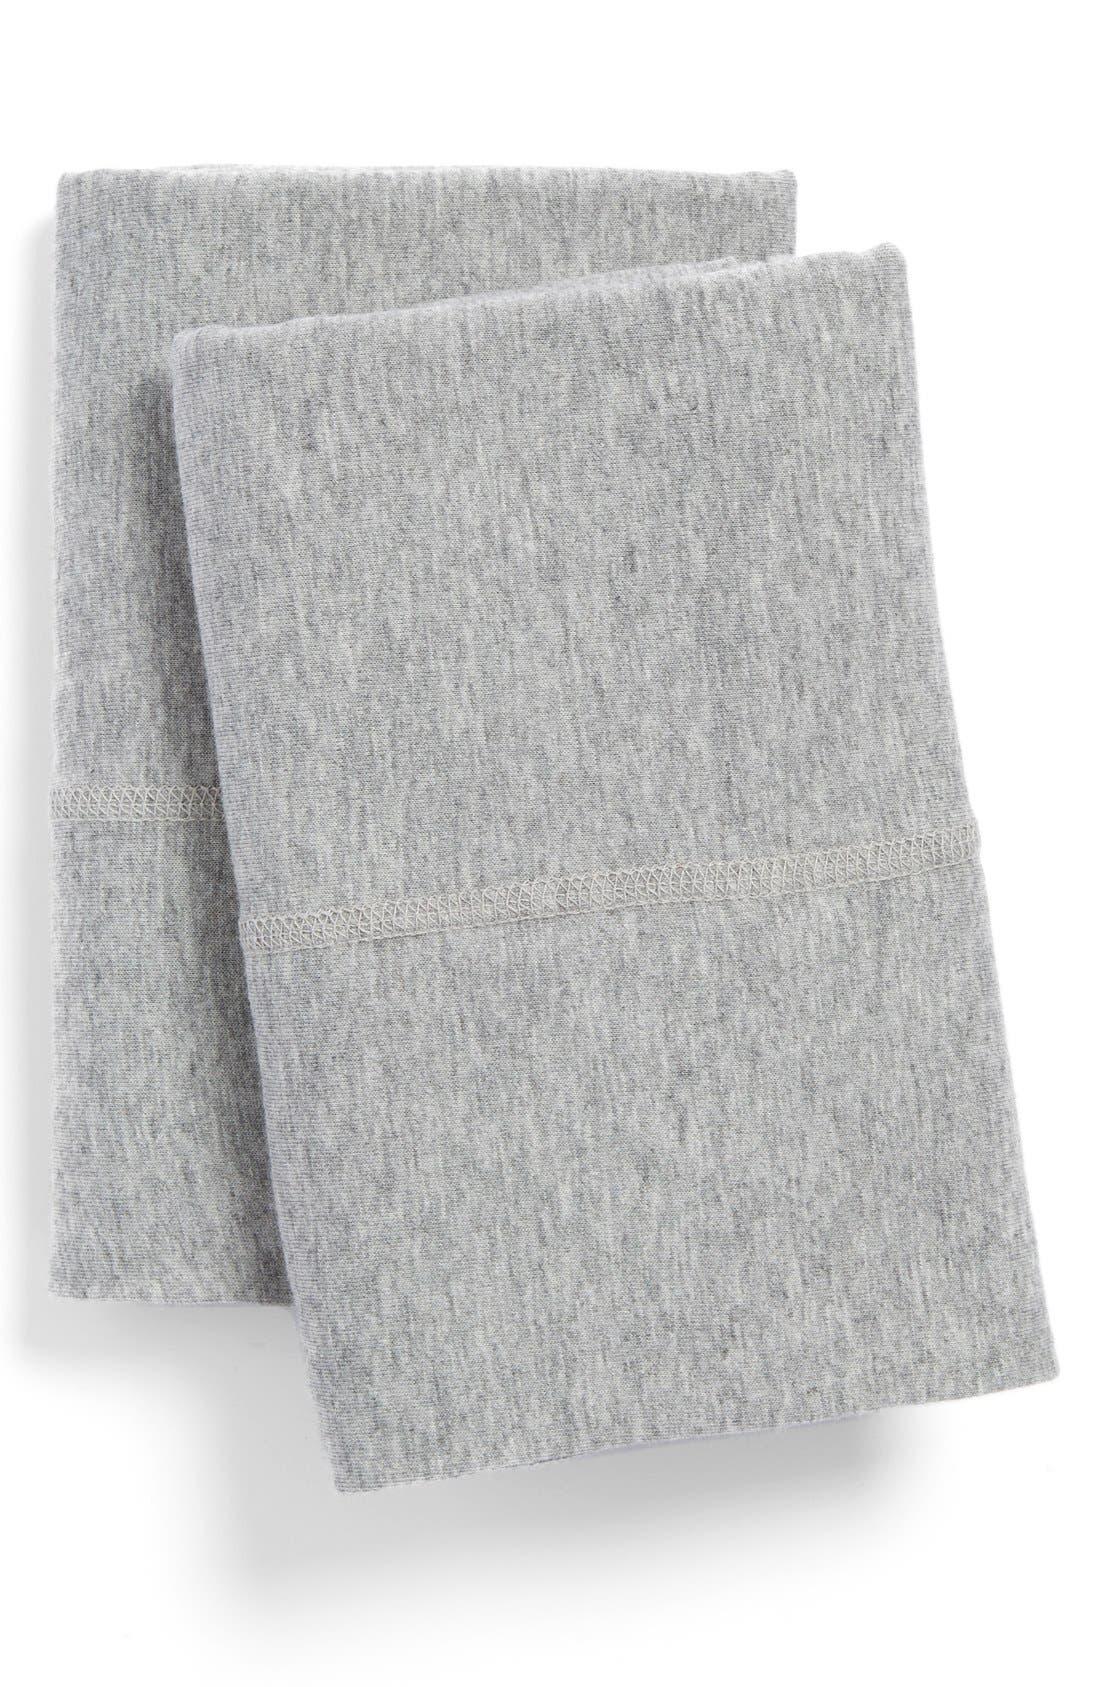 Calvin Klein Home Modern Cotton Collection Set of 2 Cotton & Modal Pillowcases